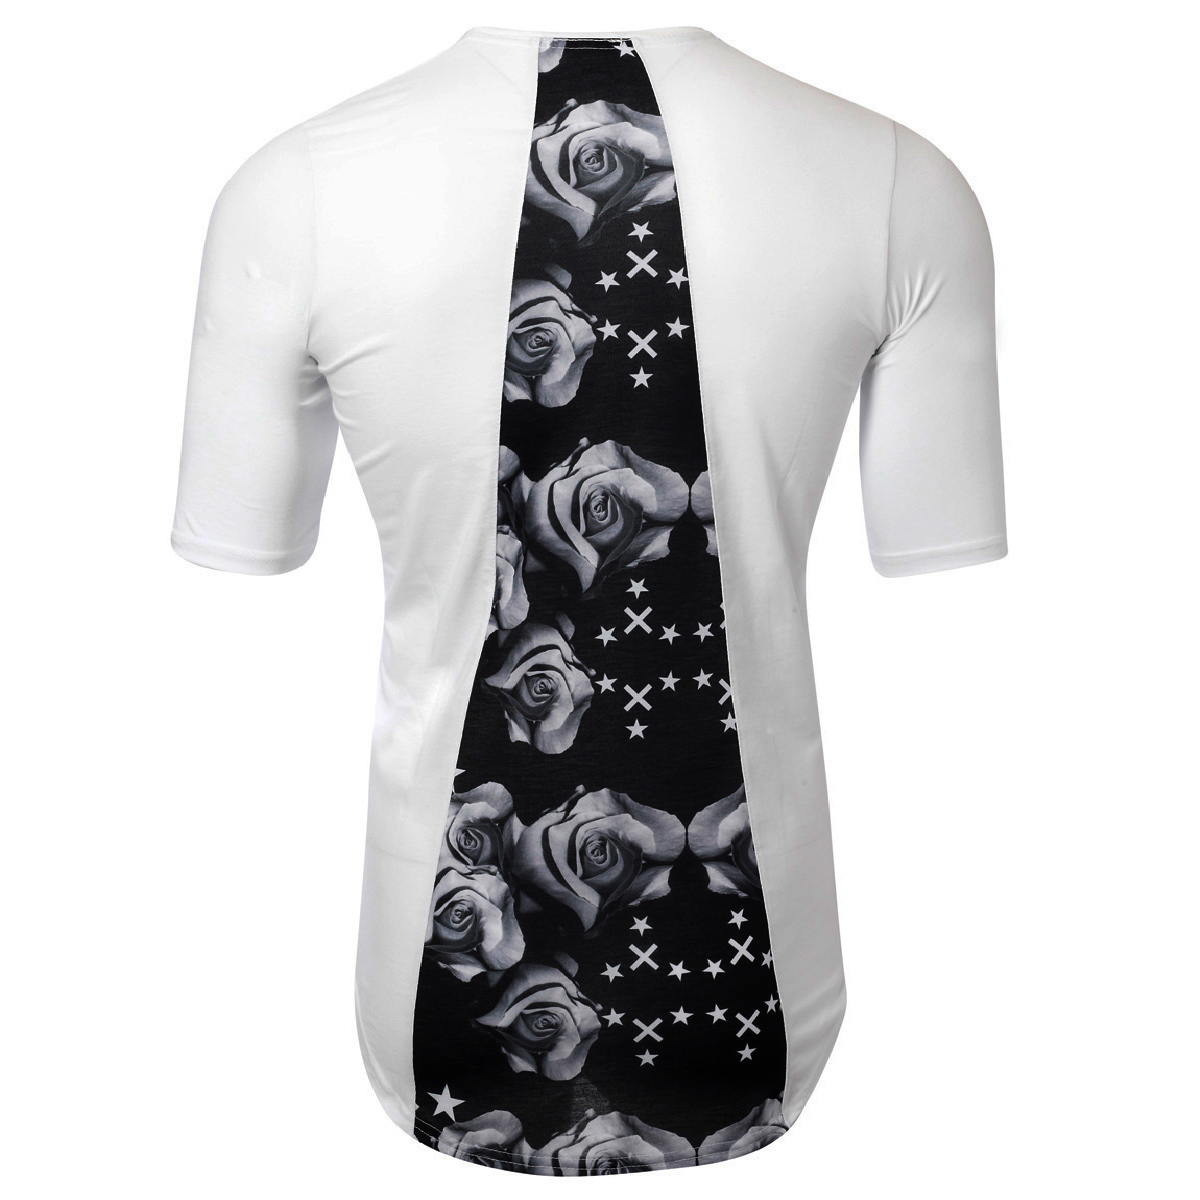 Ανδρικό T-Shirt Grey Rose-Μαύρο αρχική ανδρικά ρούχα επιλογή ανά προϊόν t shirts